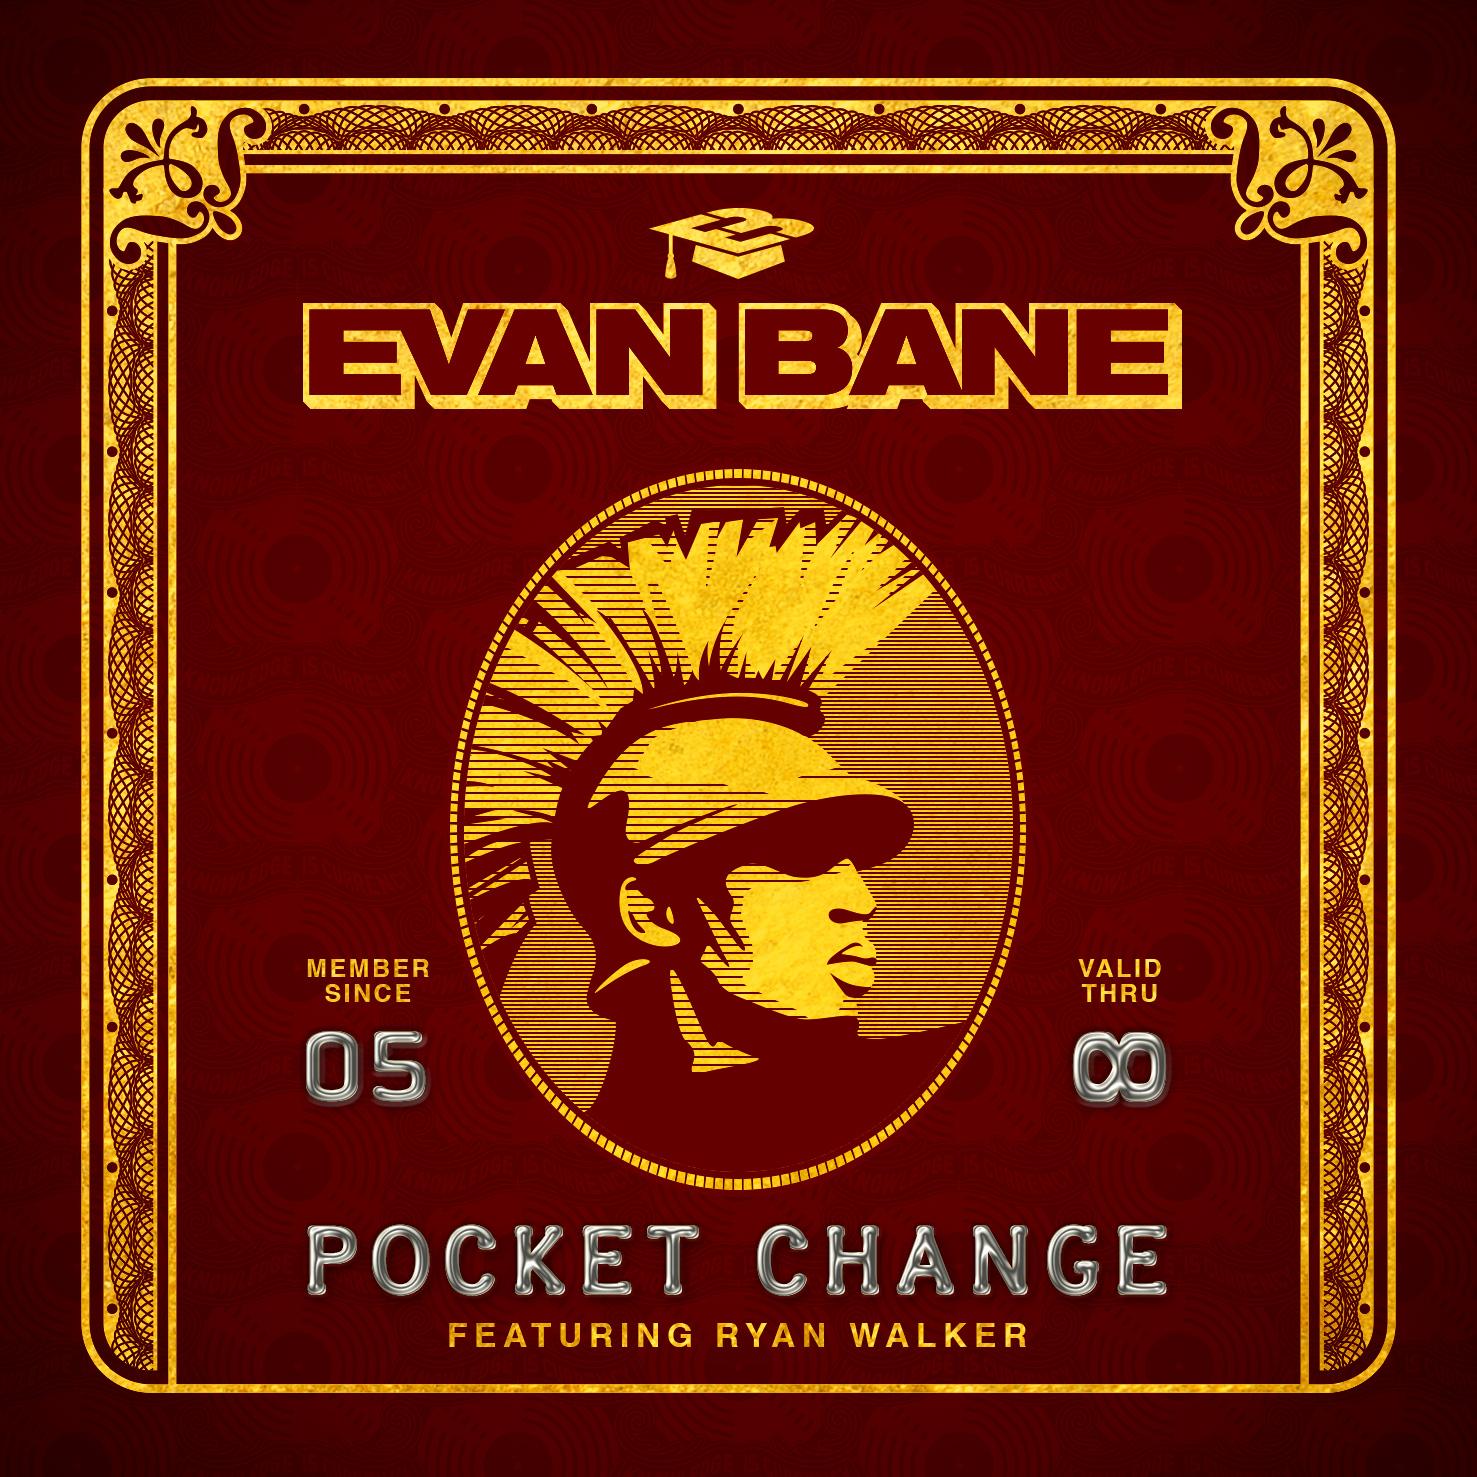 Pocket Change single artwork